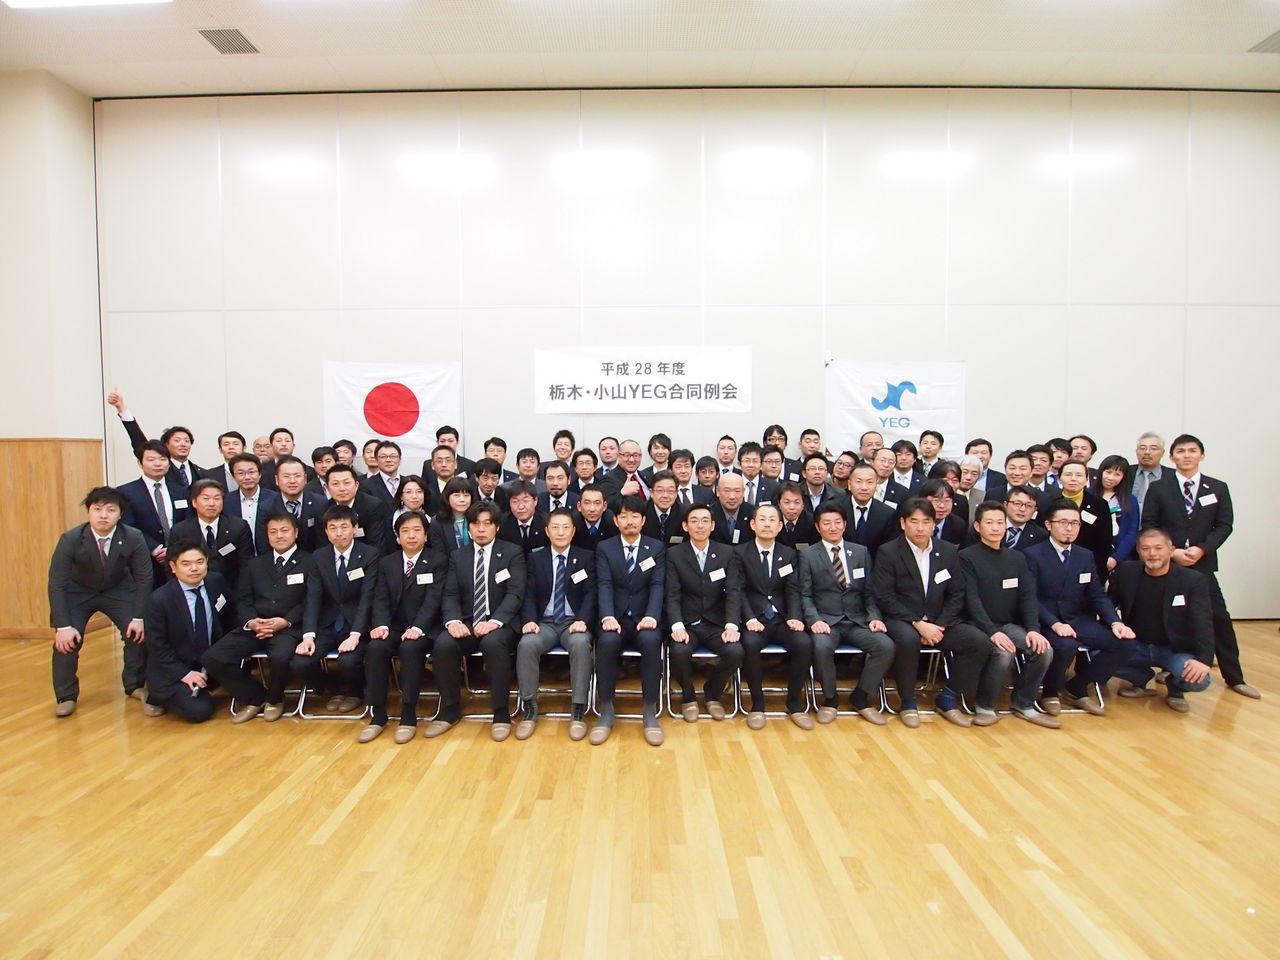 栃木・小山YEG合同例会を開催いたしました。